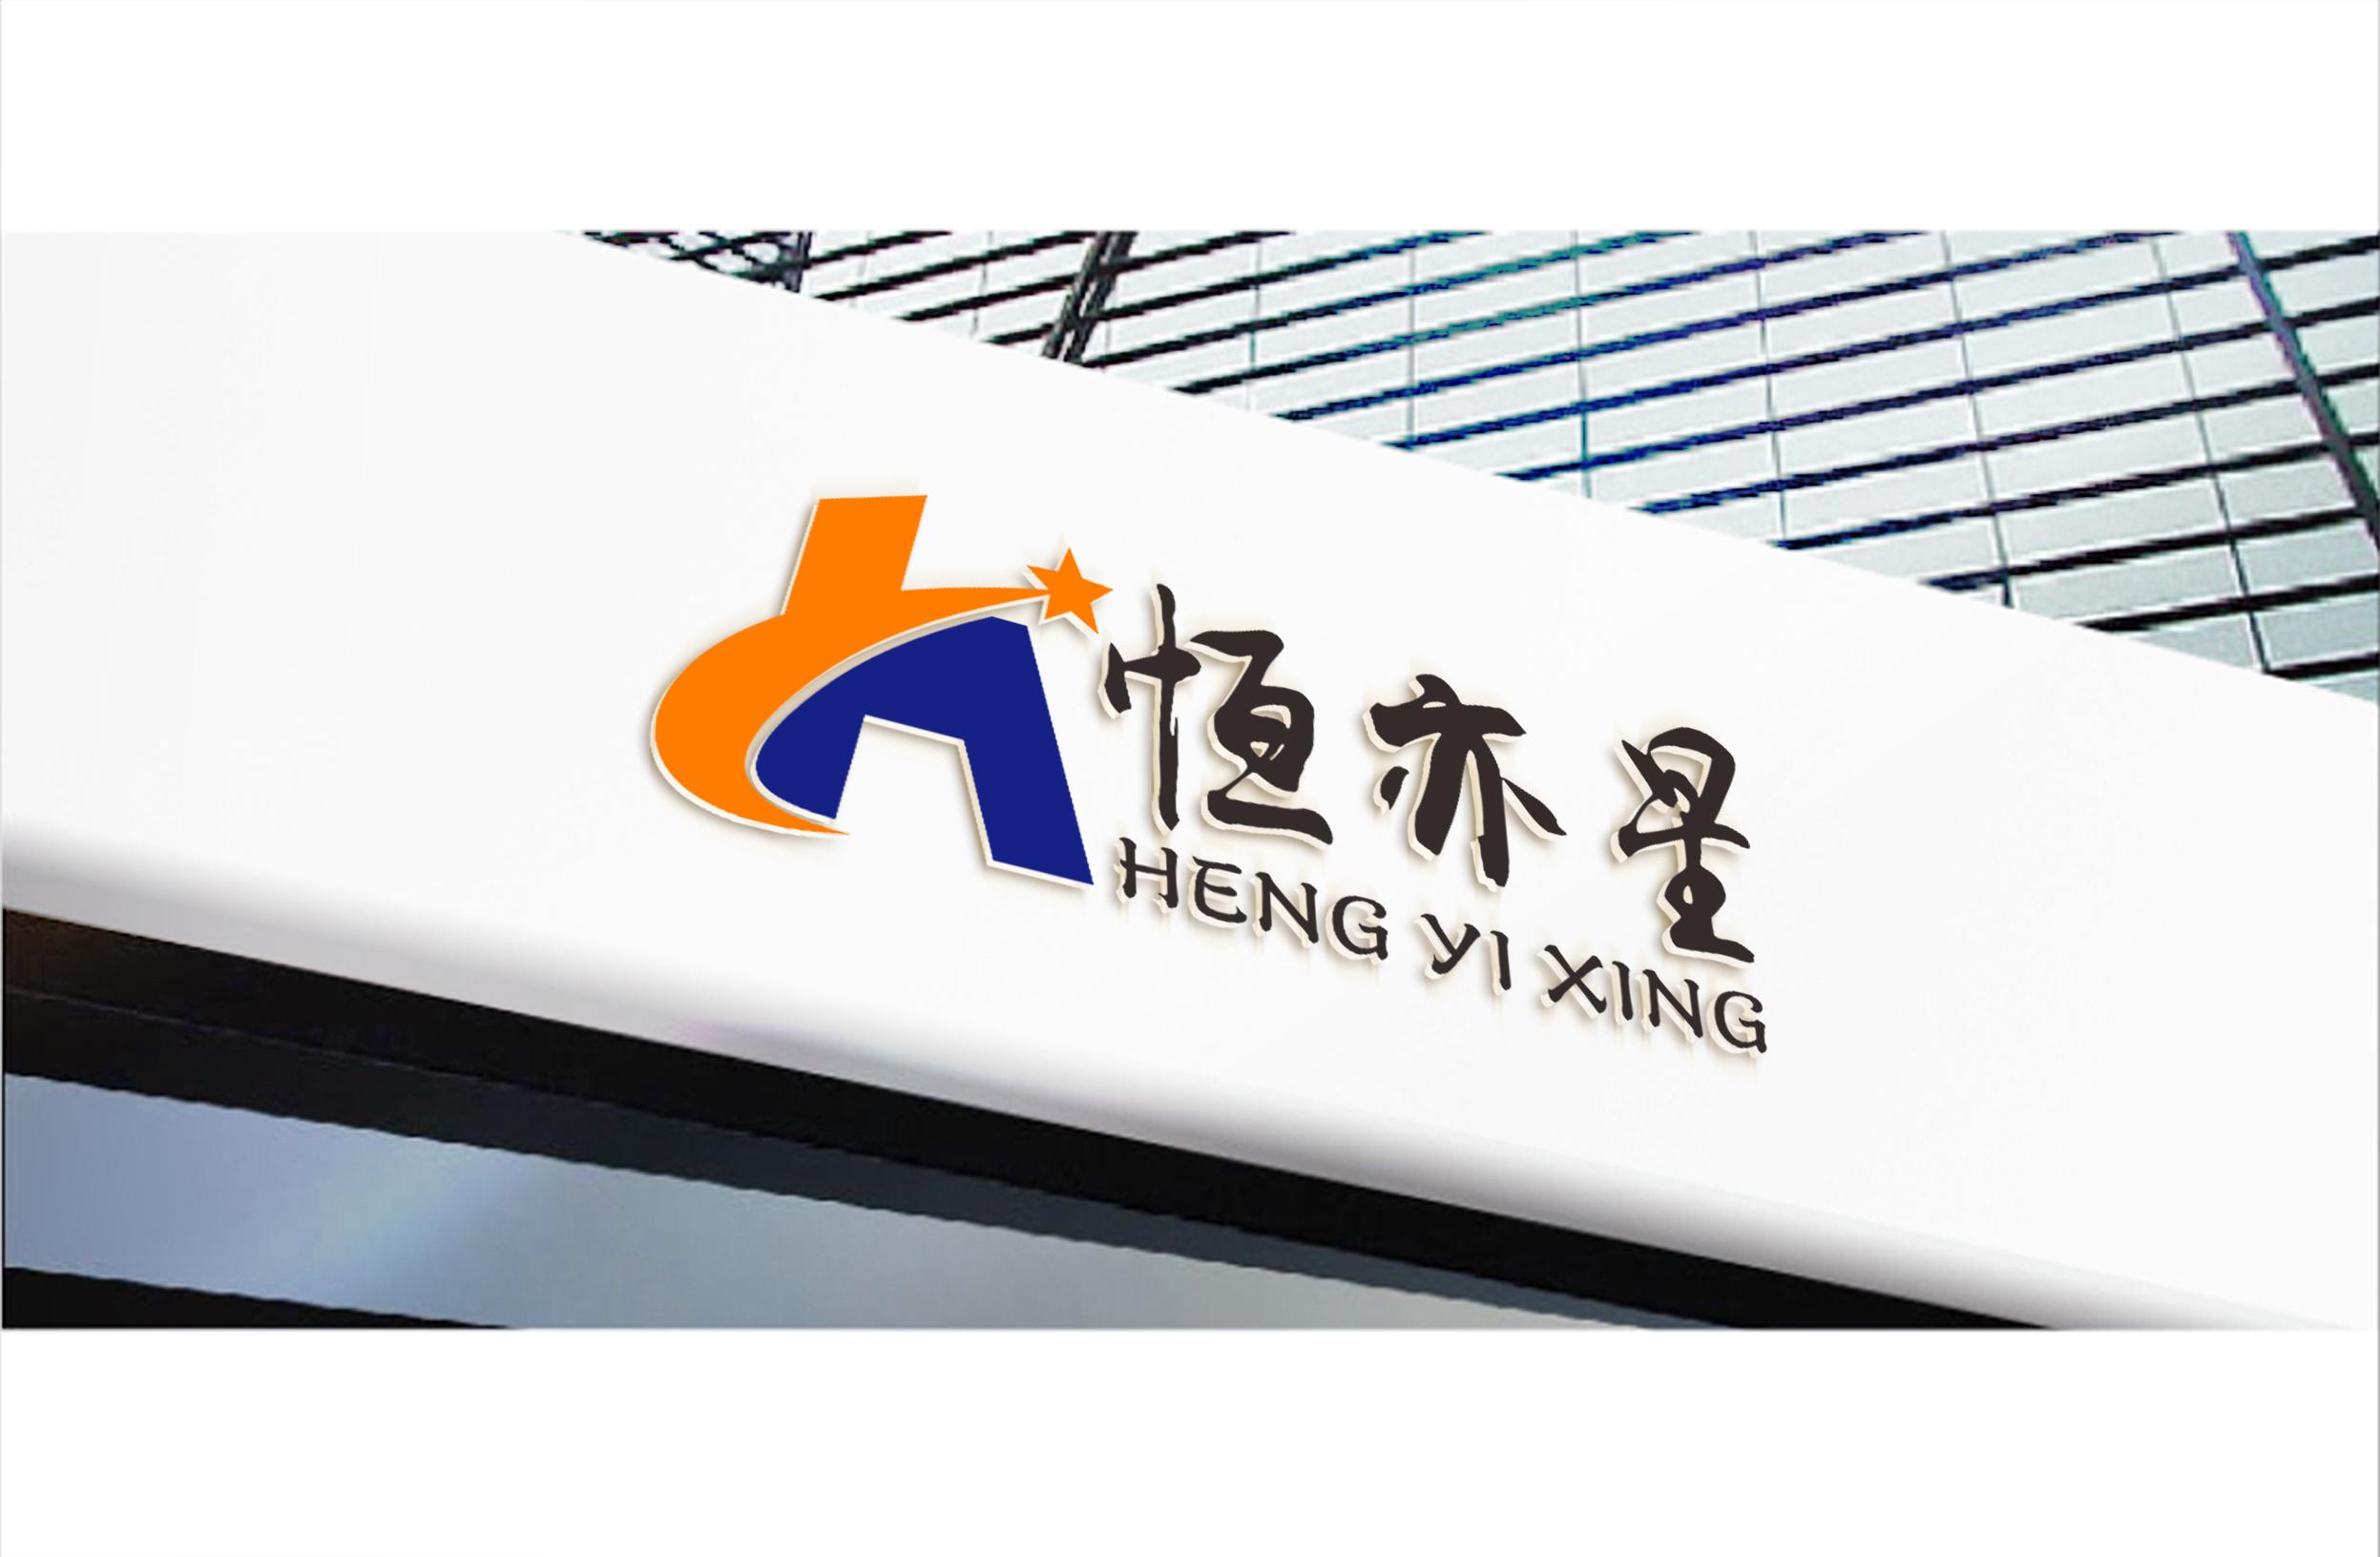 恒亦星广告传媒logo设计_3036707_k68威客网